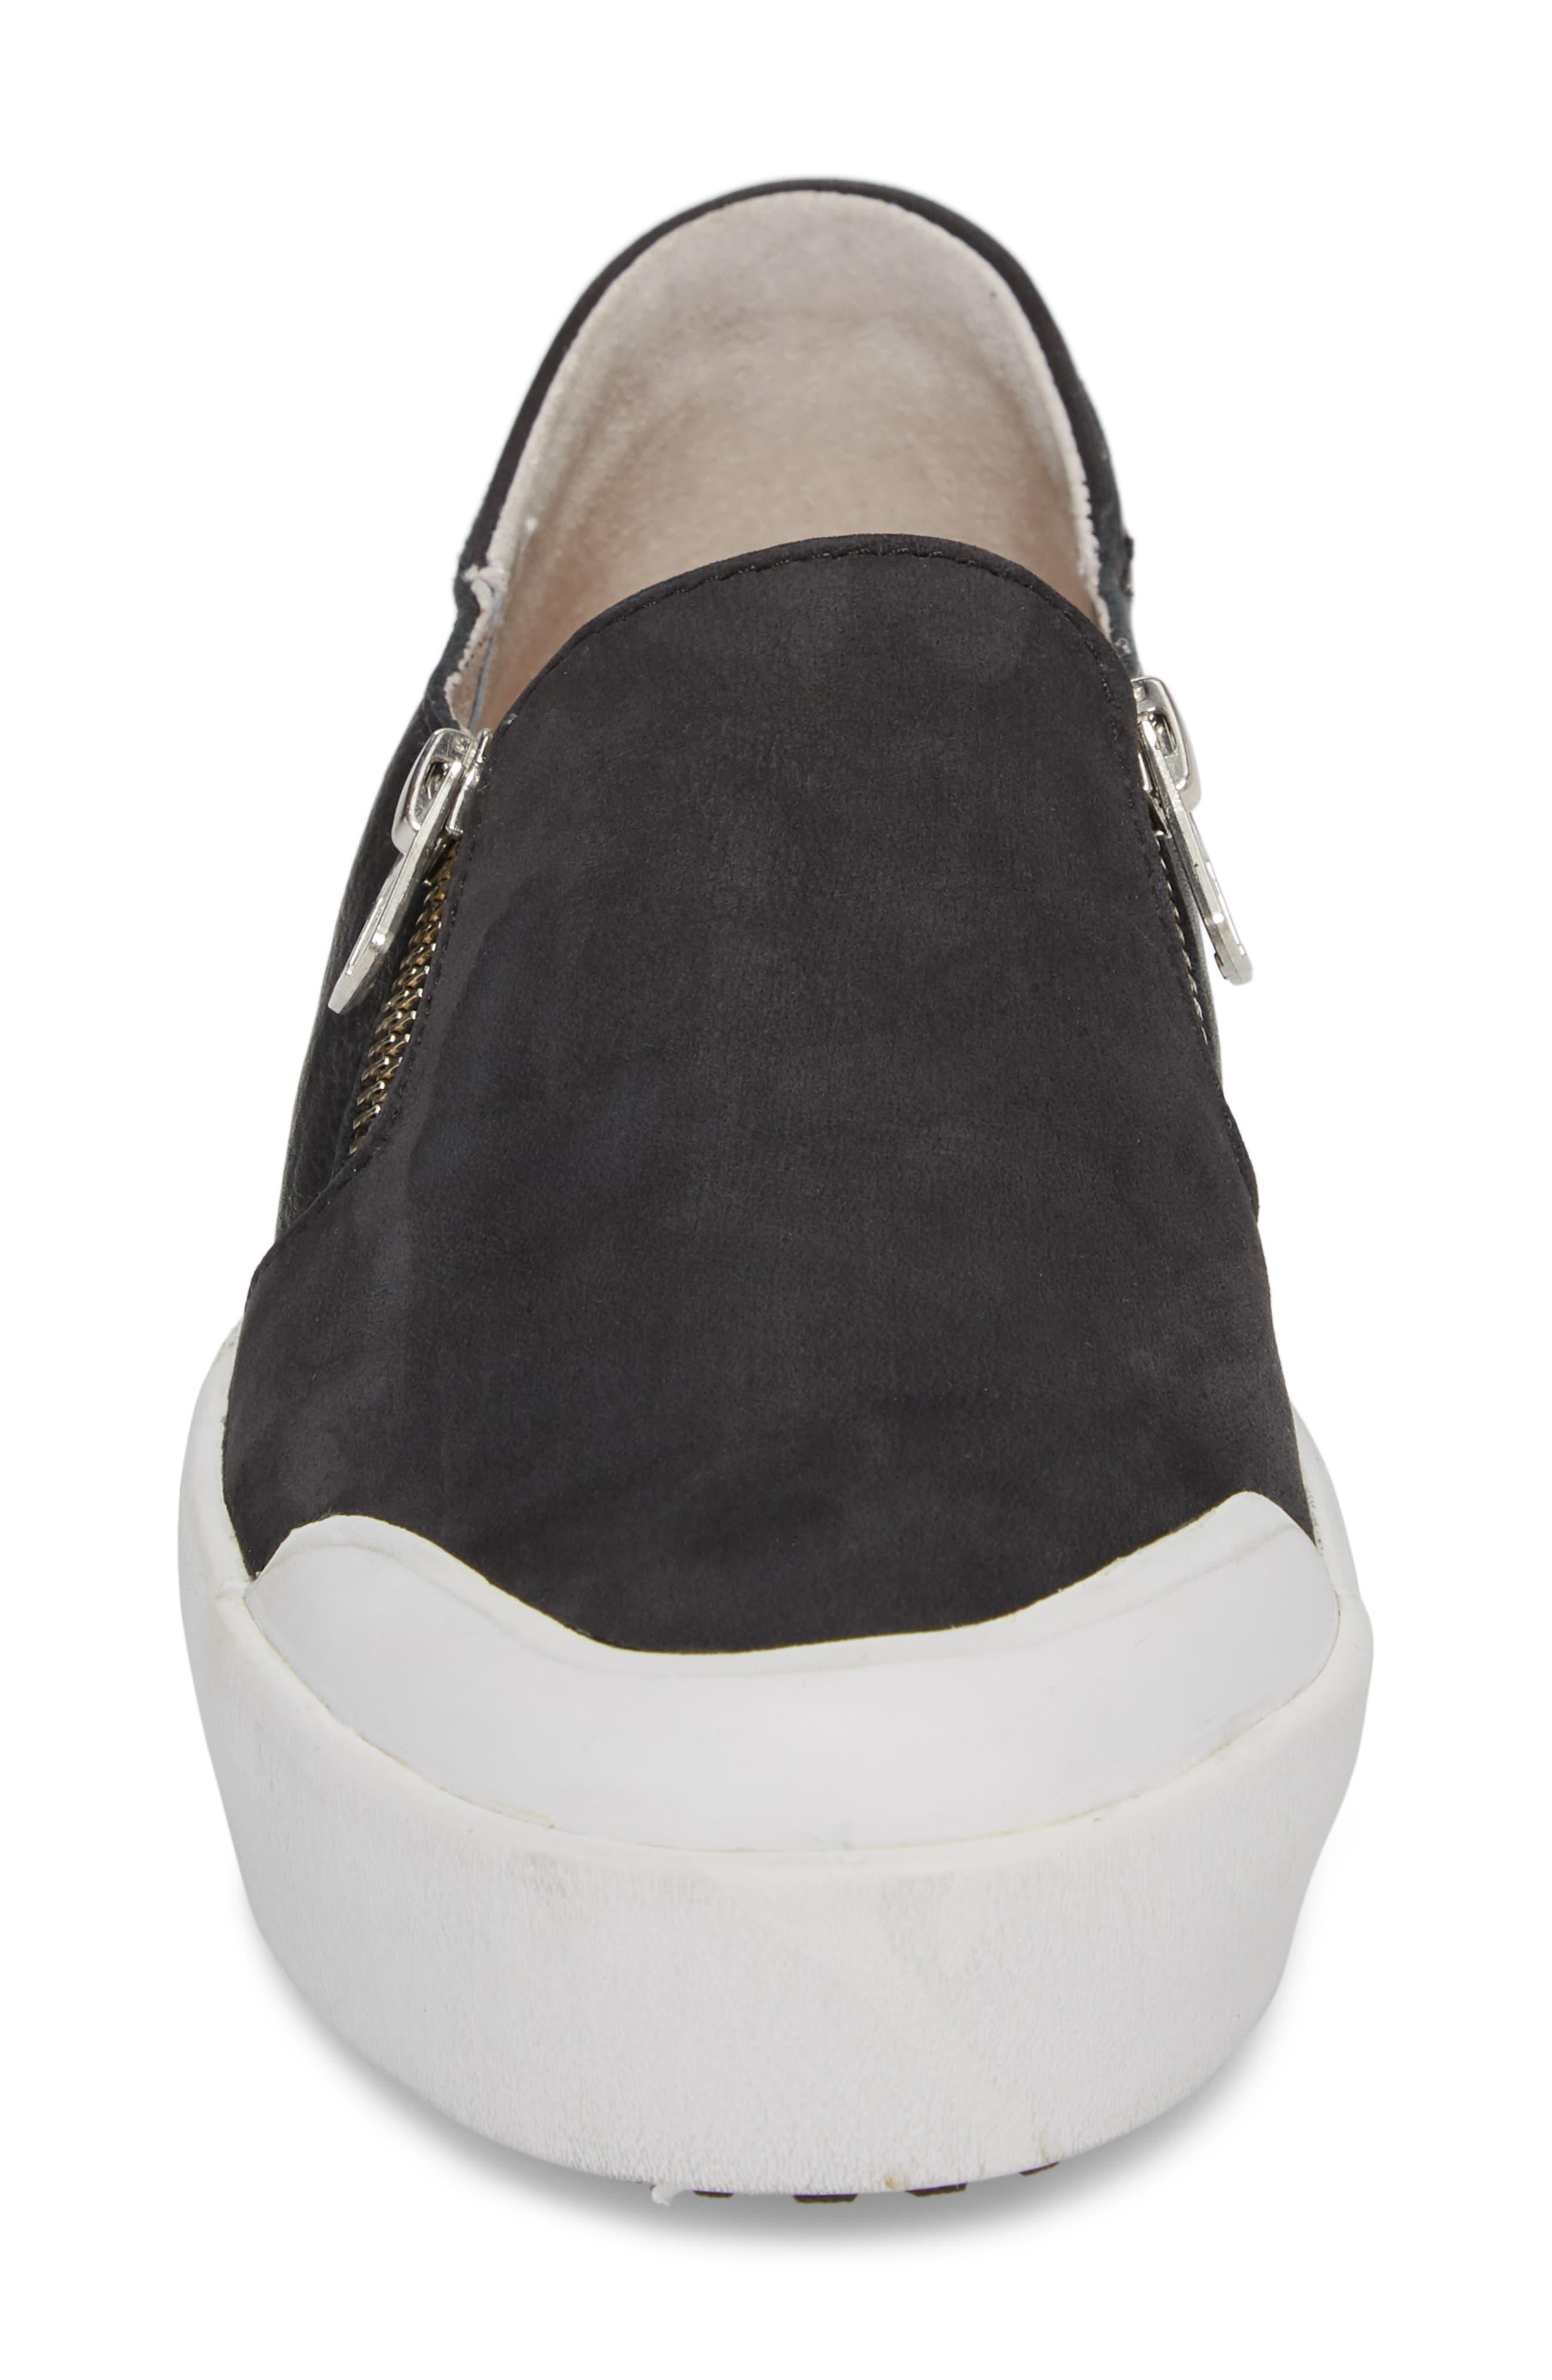 PL82 Slip-On Sneaker,                             Alternate thumbnail 4, color,                             BLACK LEATHER